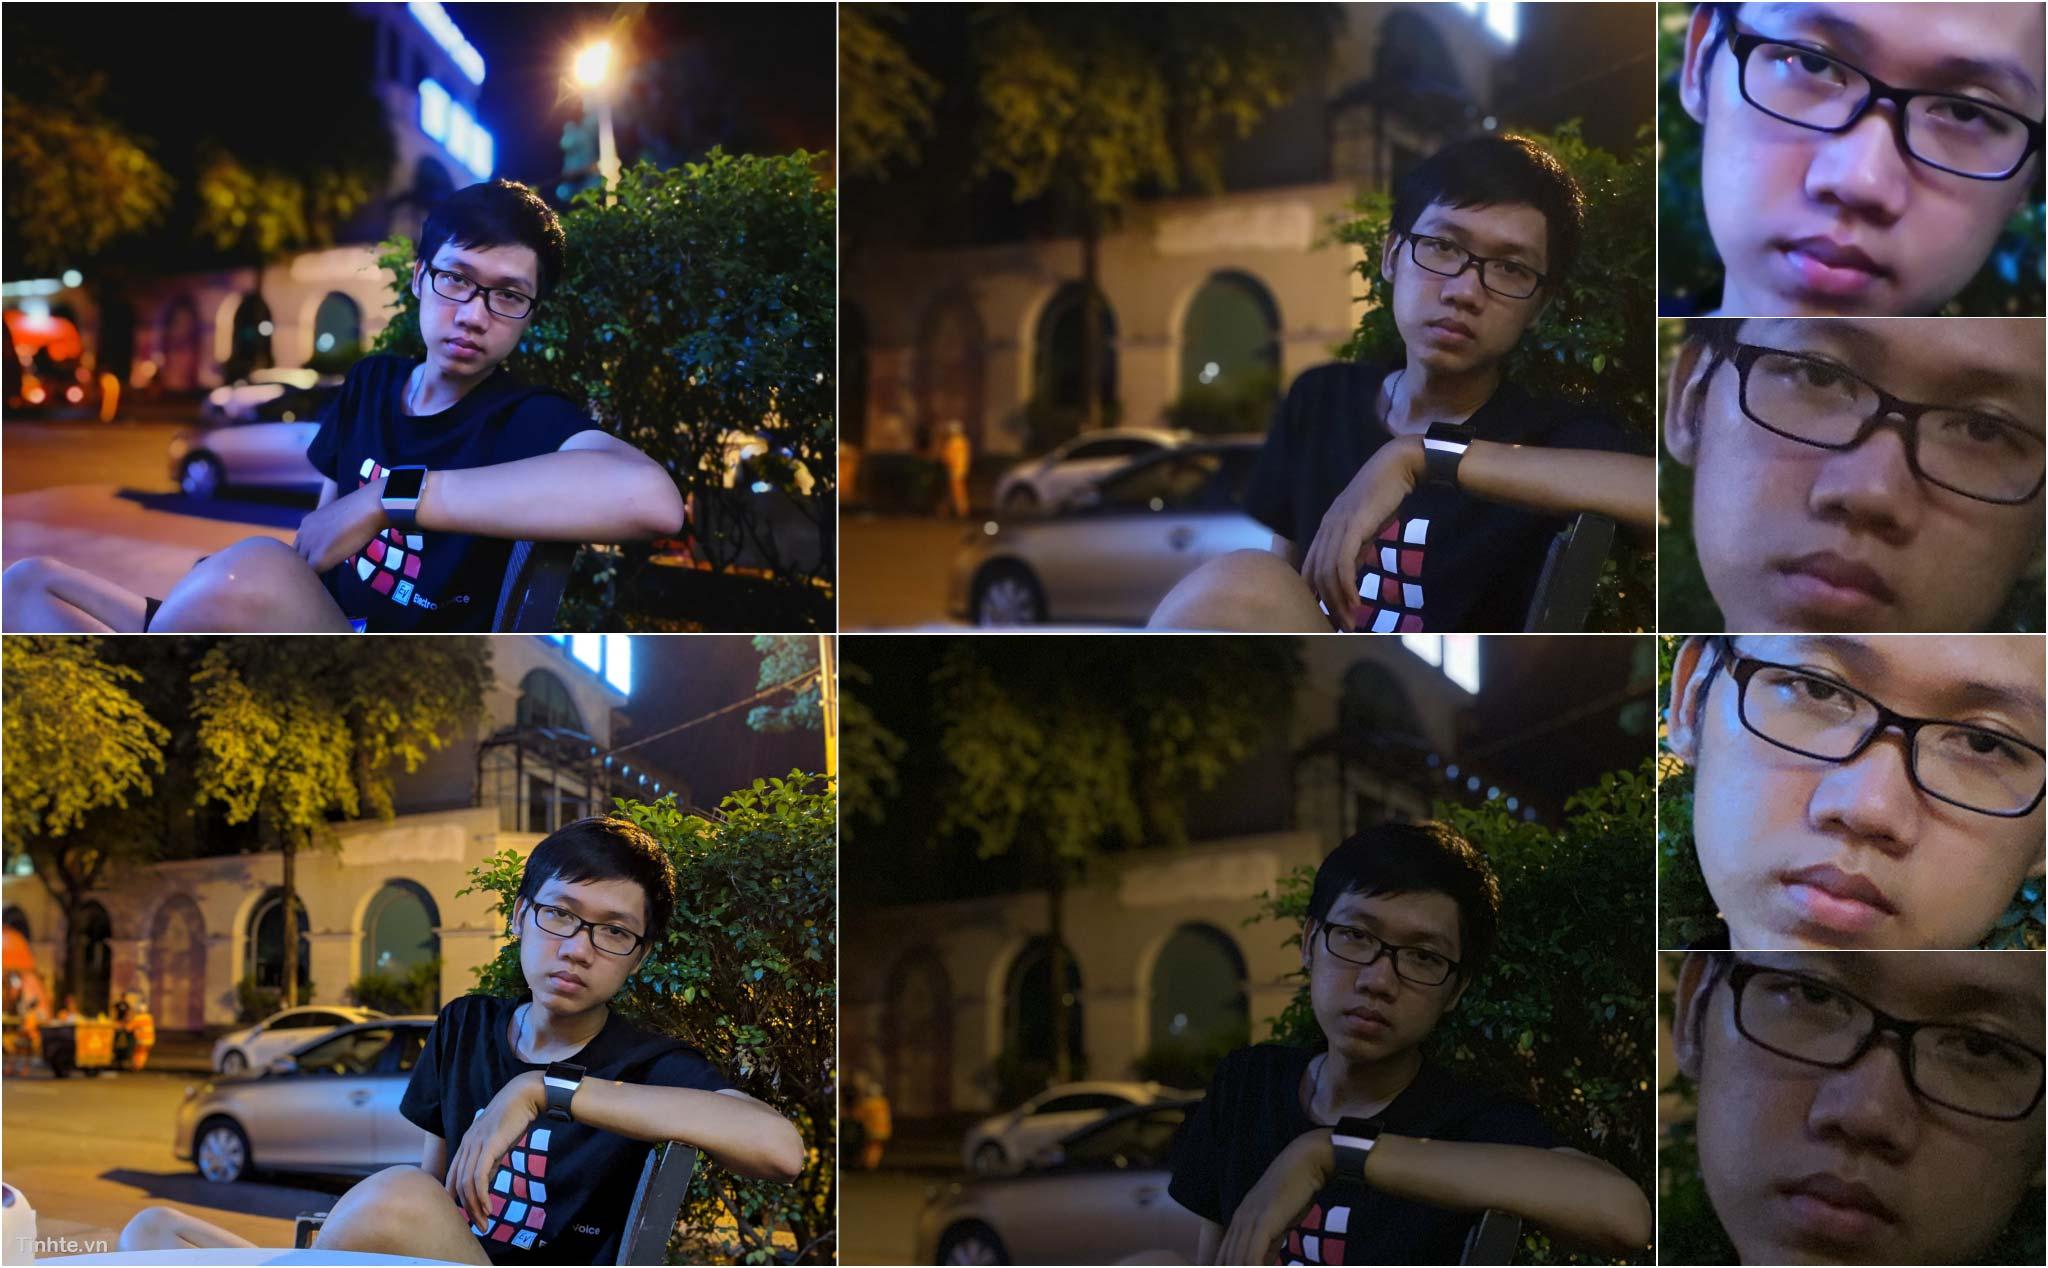 tinhte_so_sanh_anh_chup_dem_8.jpg